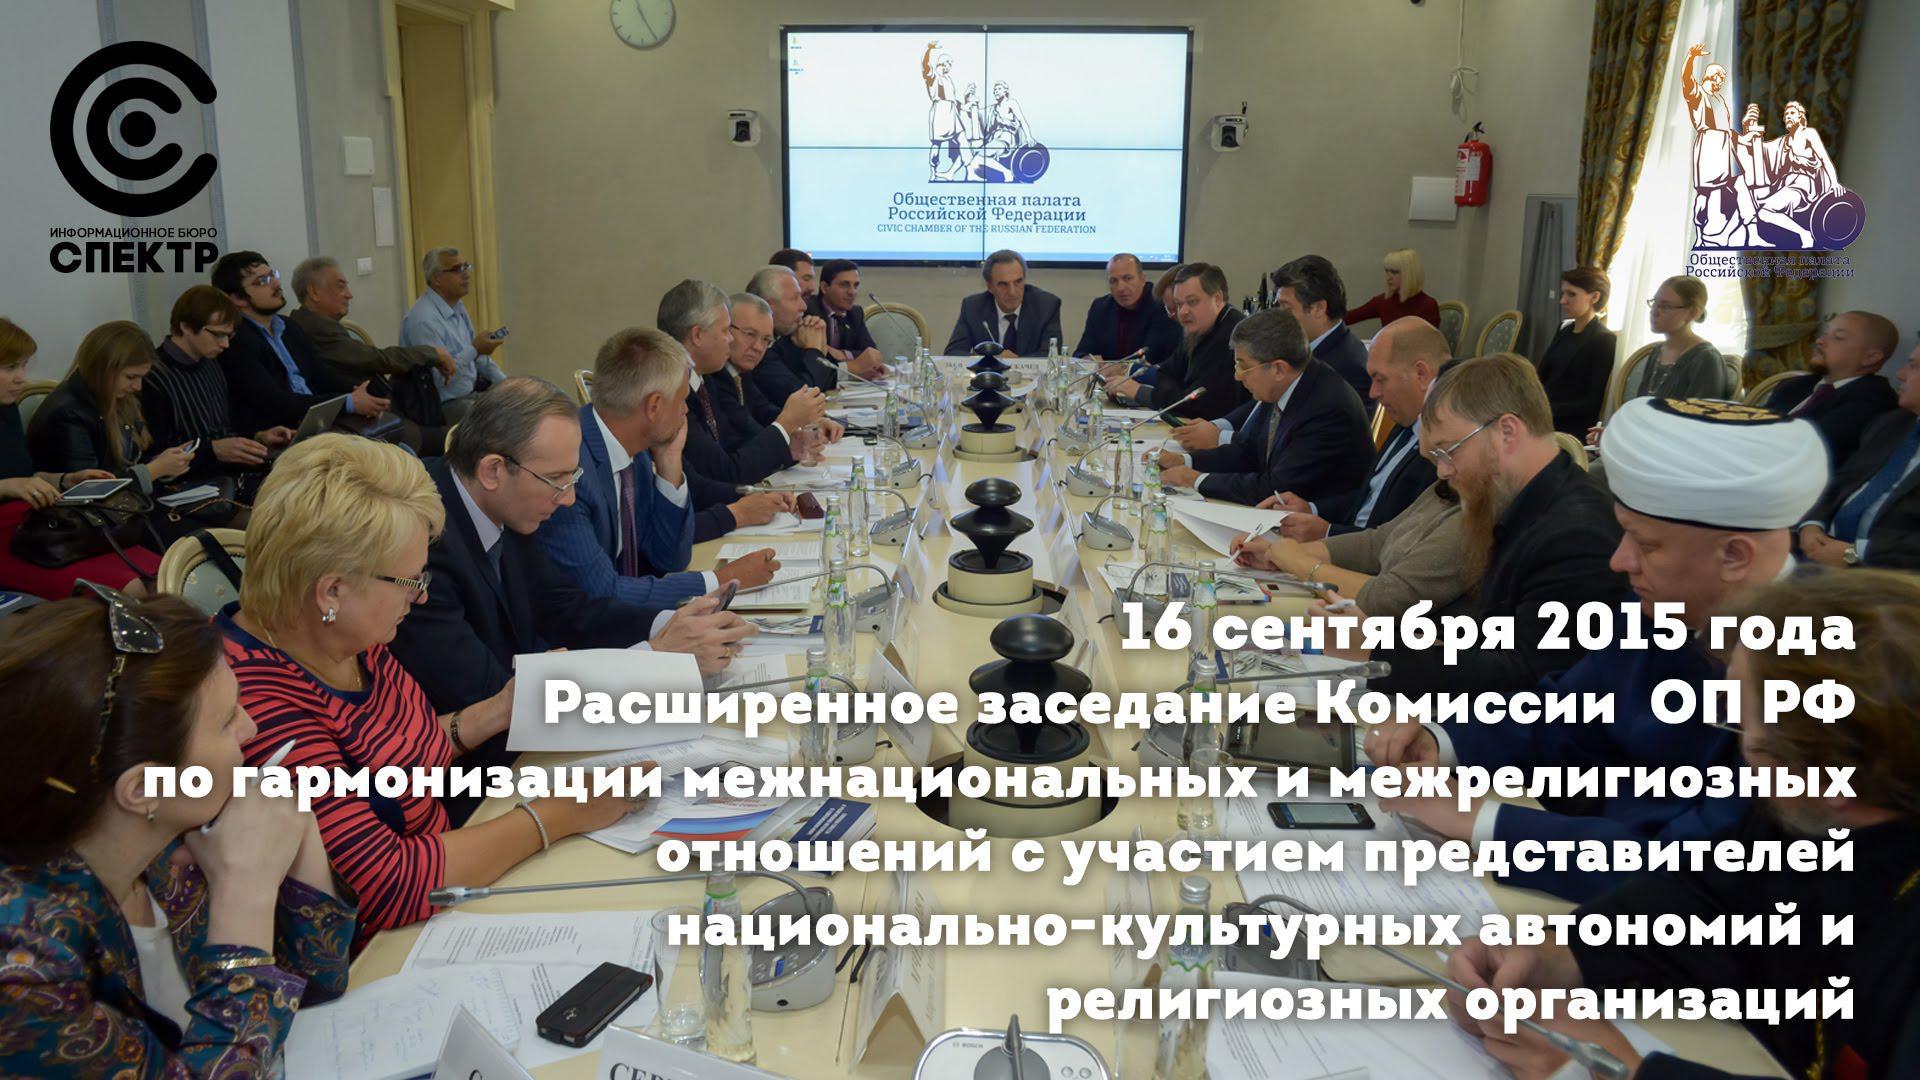 Embedded thumbnail for Расширенное заседание Комиссии ОП РФ по гармонизации межнациональных и межрелигиозных отношений 16 сентября 2015 года